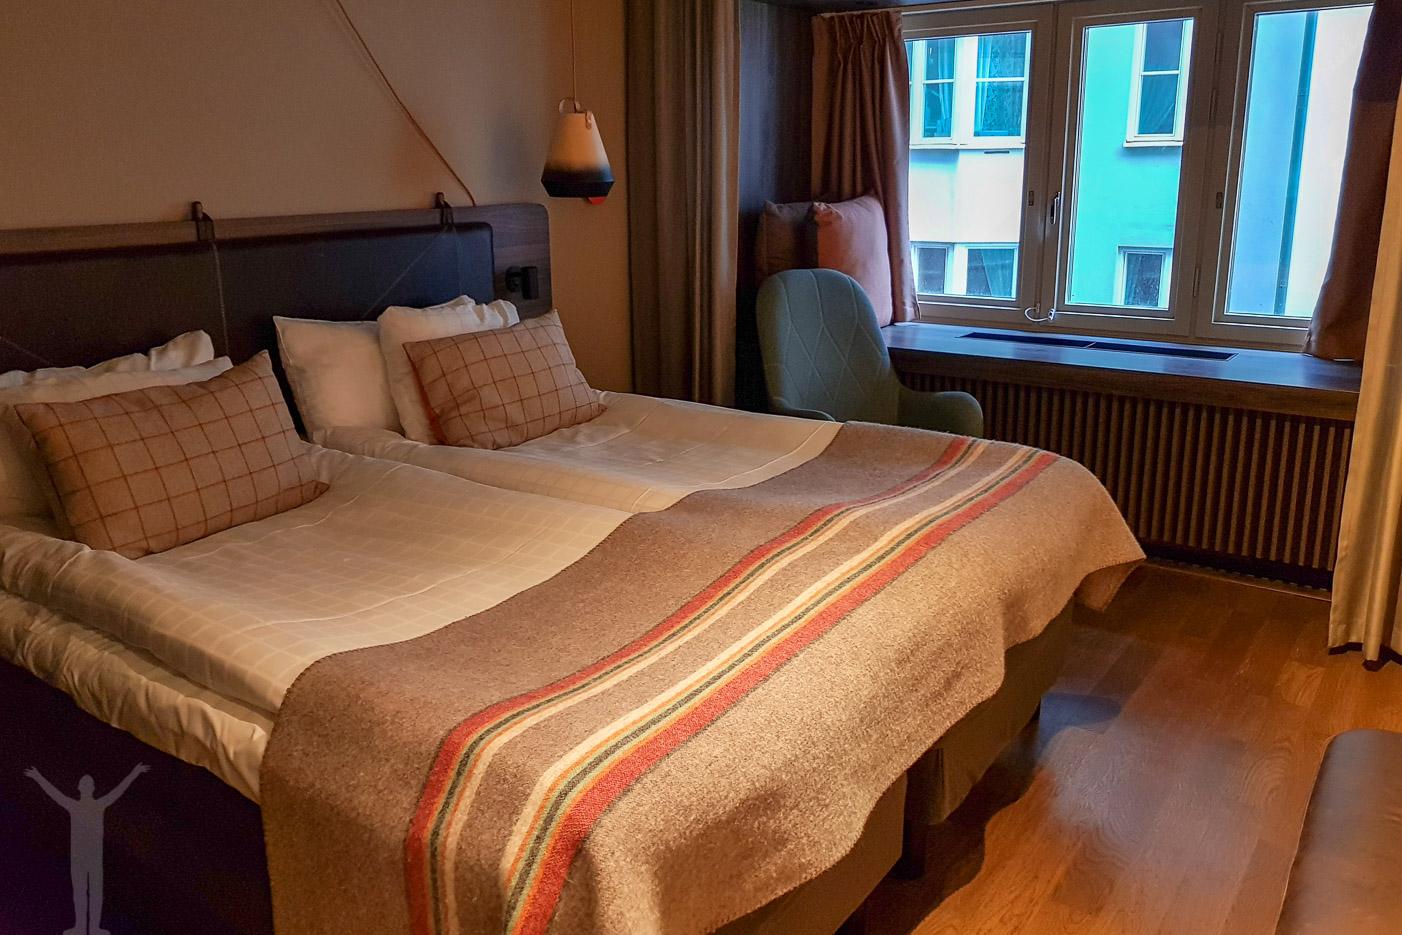 Sängen satt som ett smäck